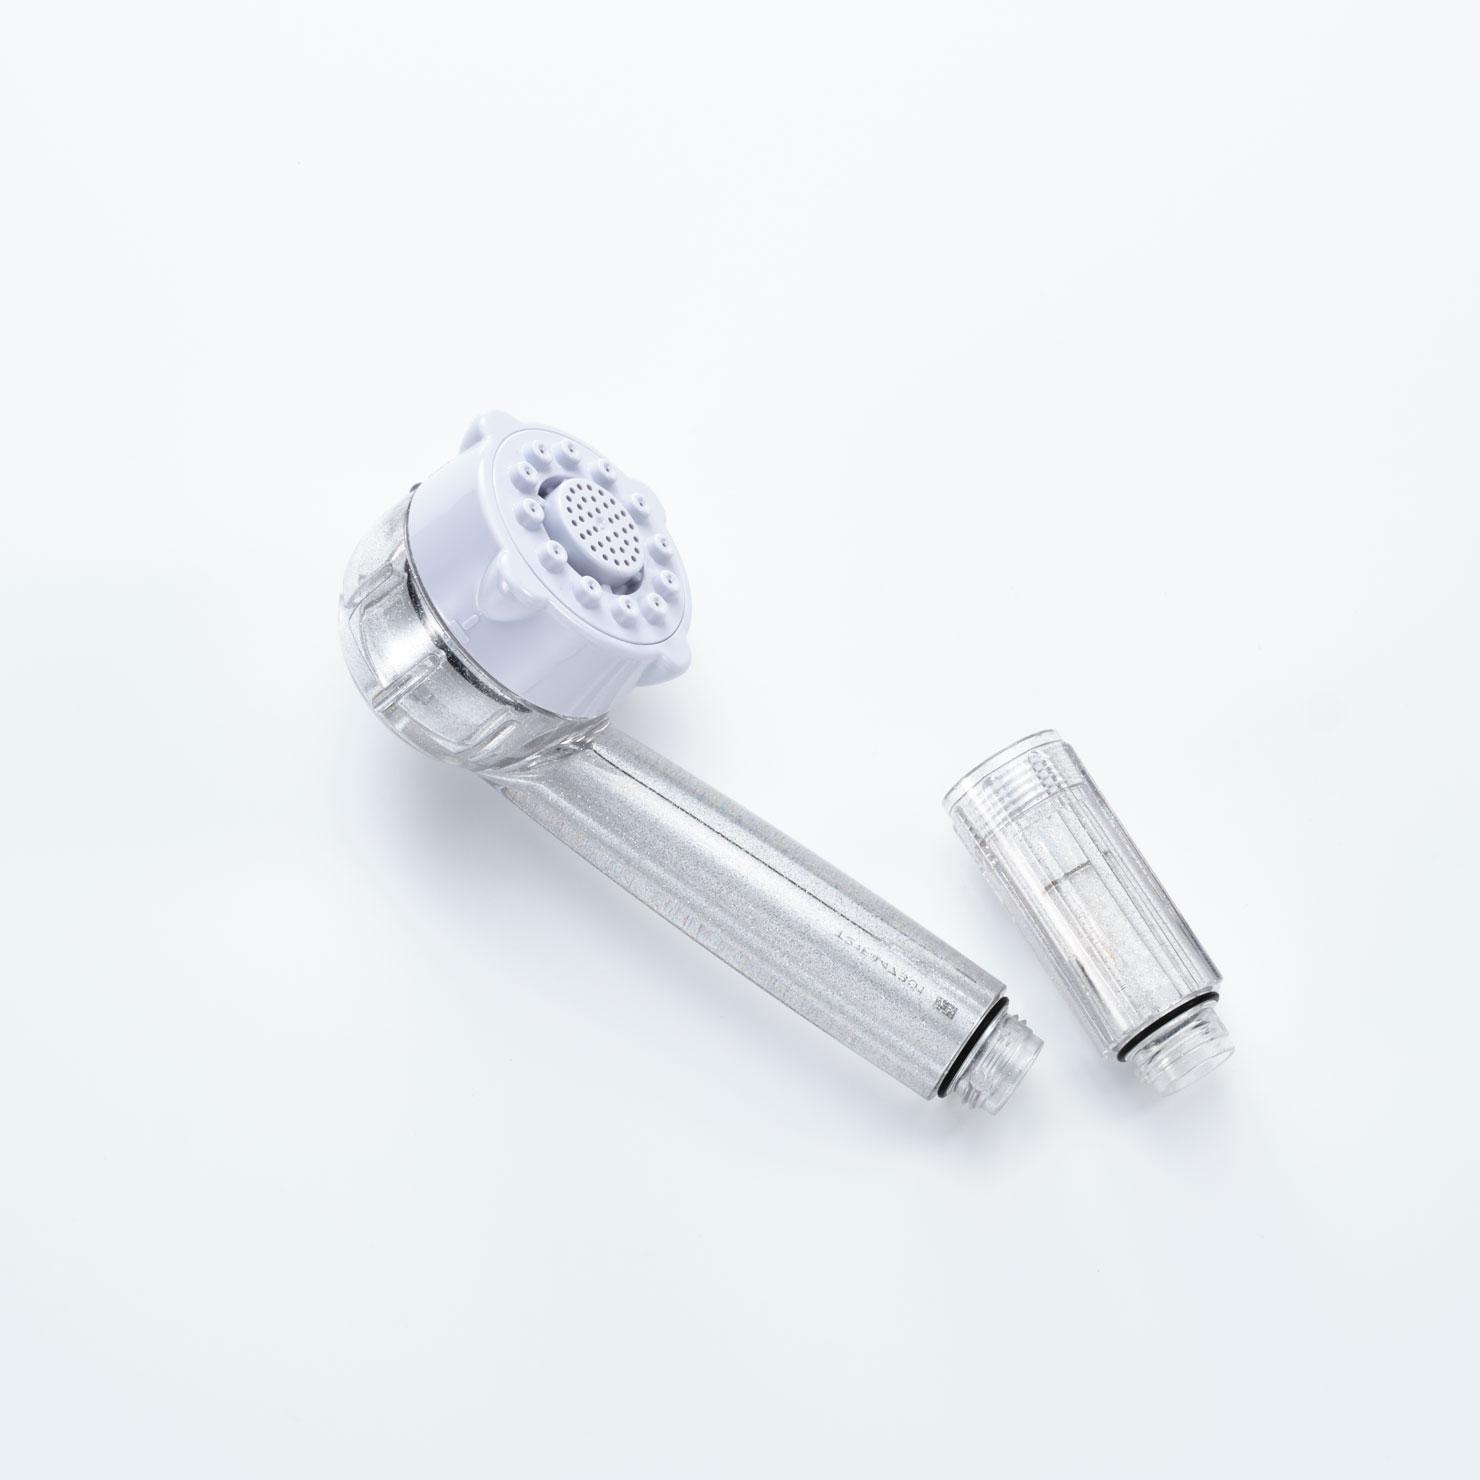 ミラブルプラスのシャワーヘッド商品画像